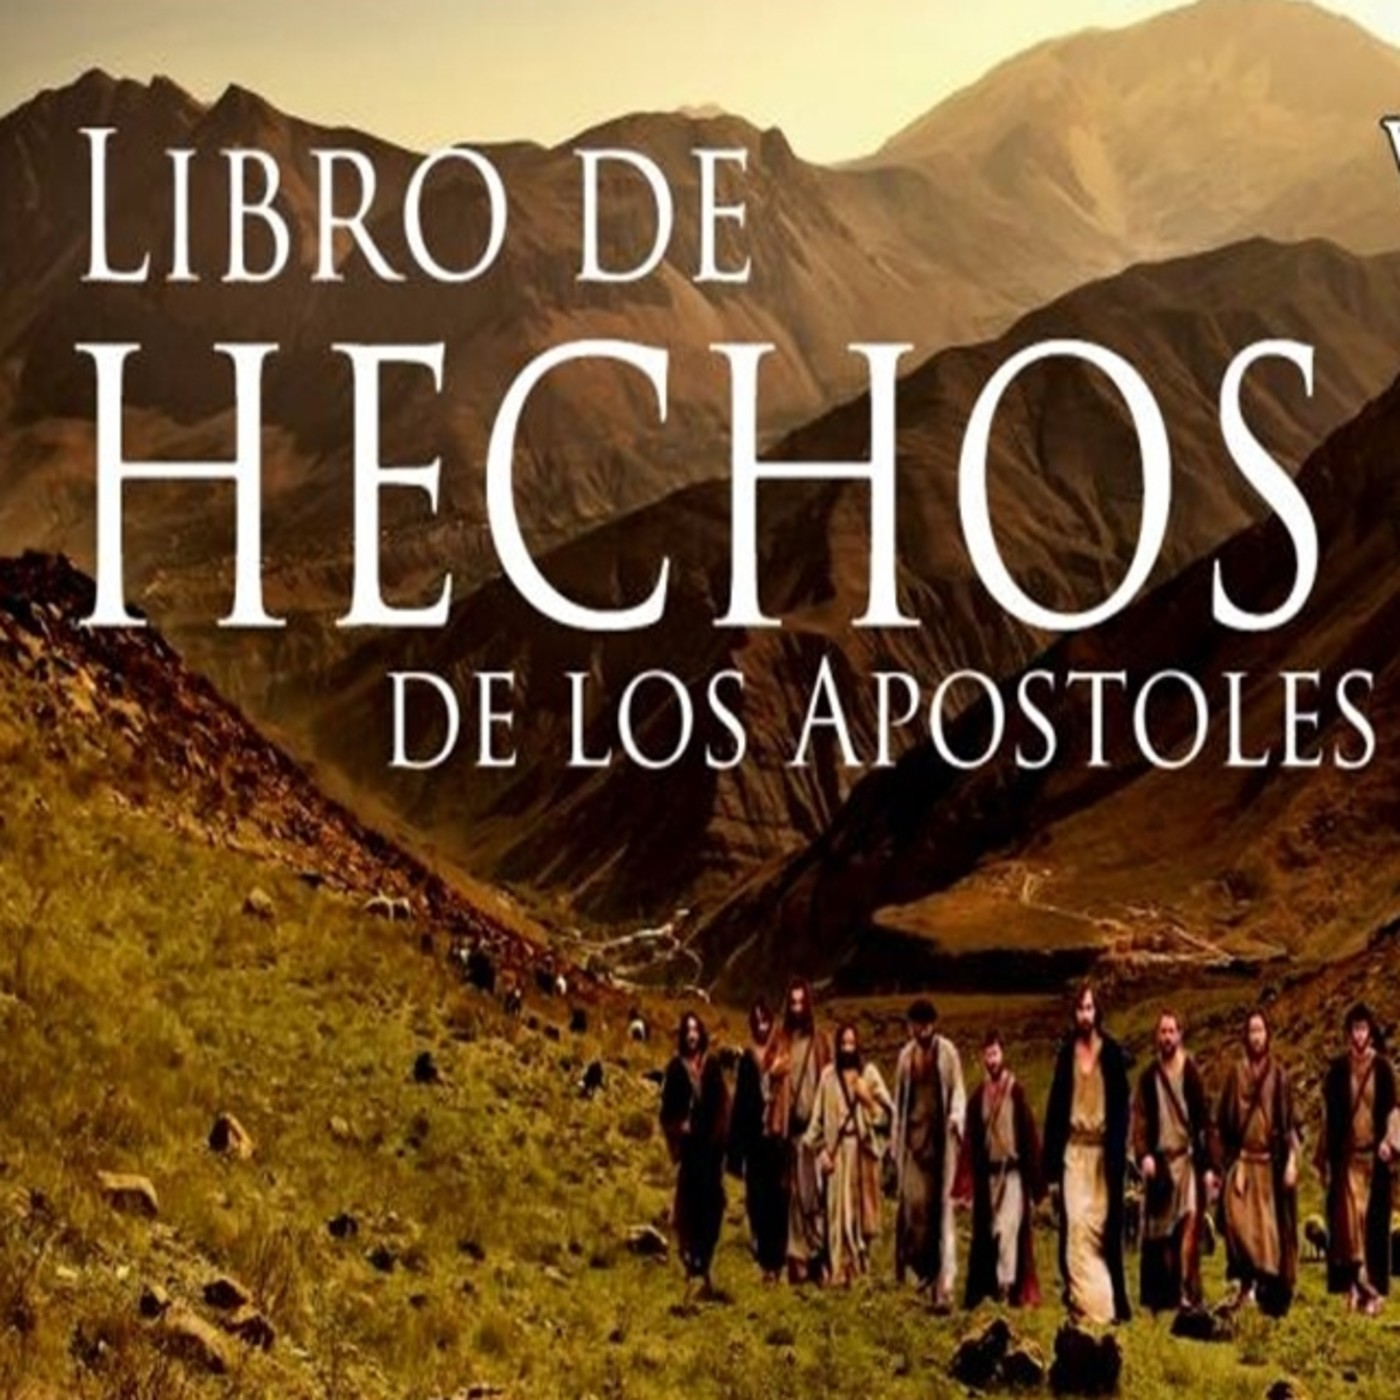 05-Hechos de los apóstoles | Listen Free on Castbox.